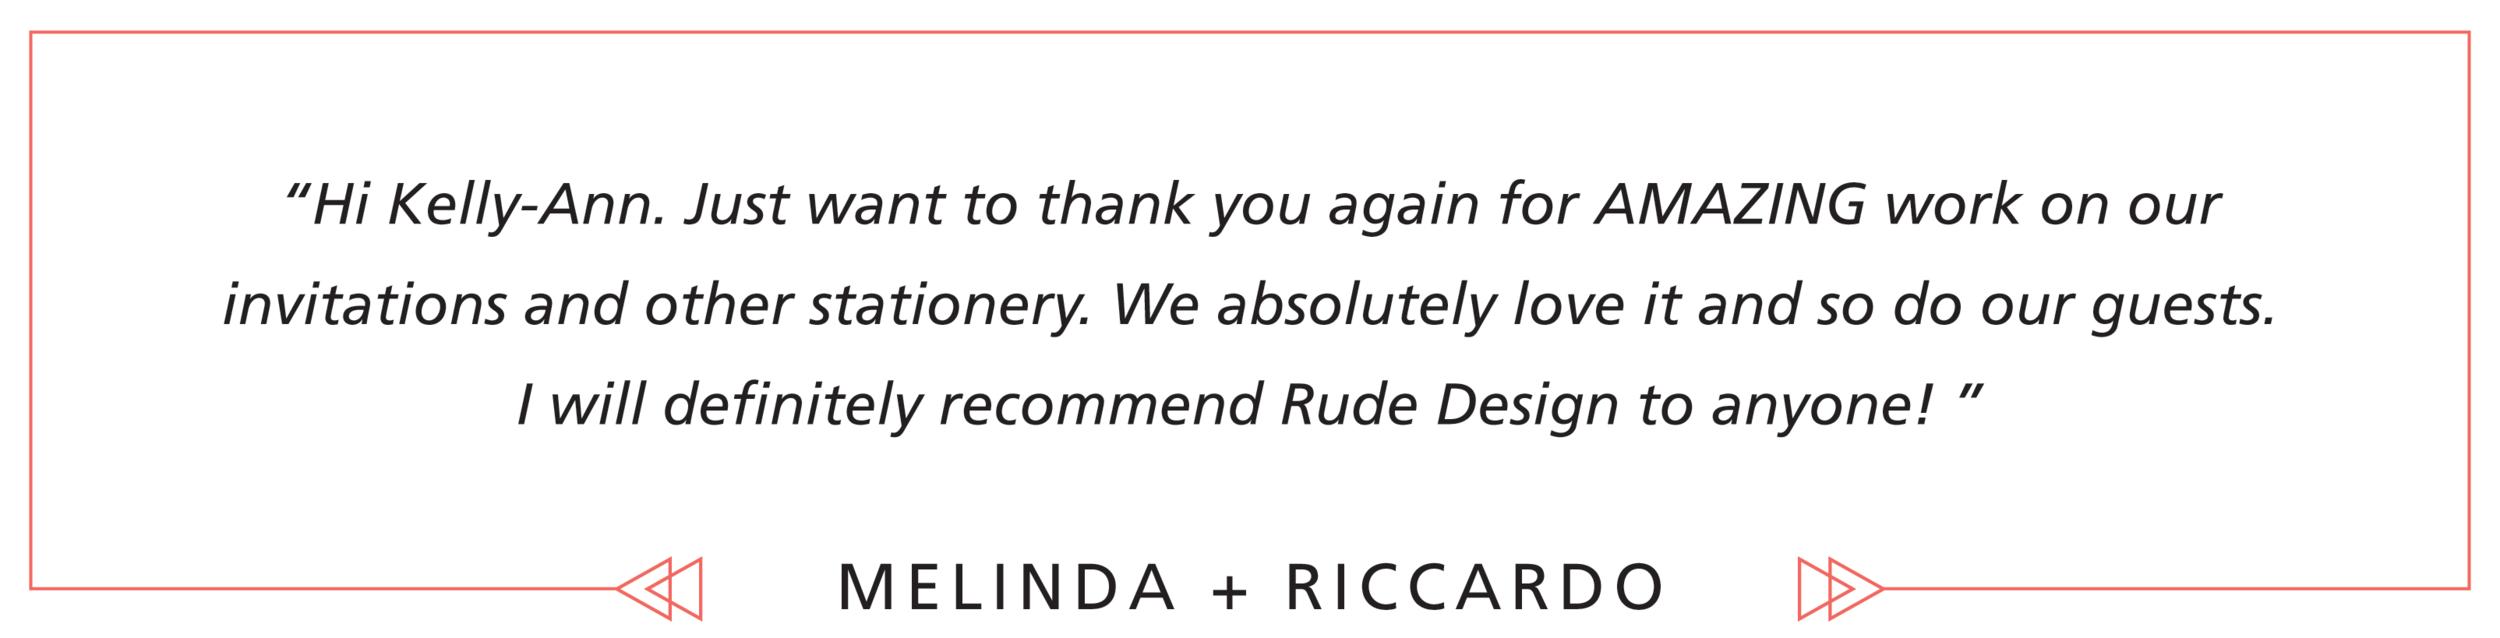 Client-reviews_7.png